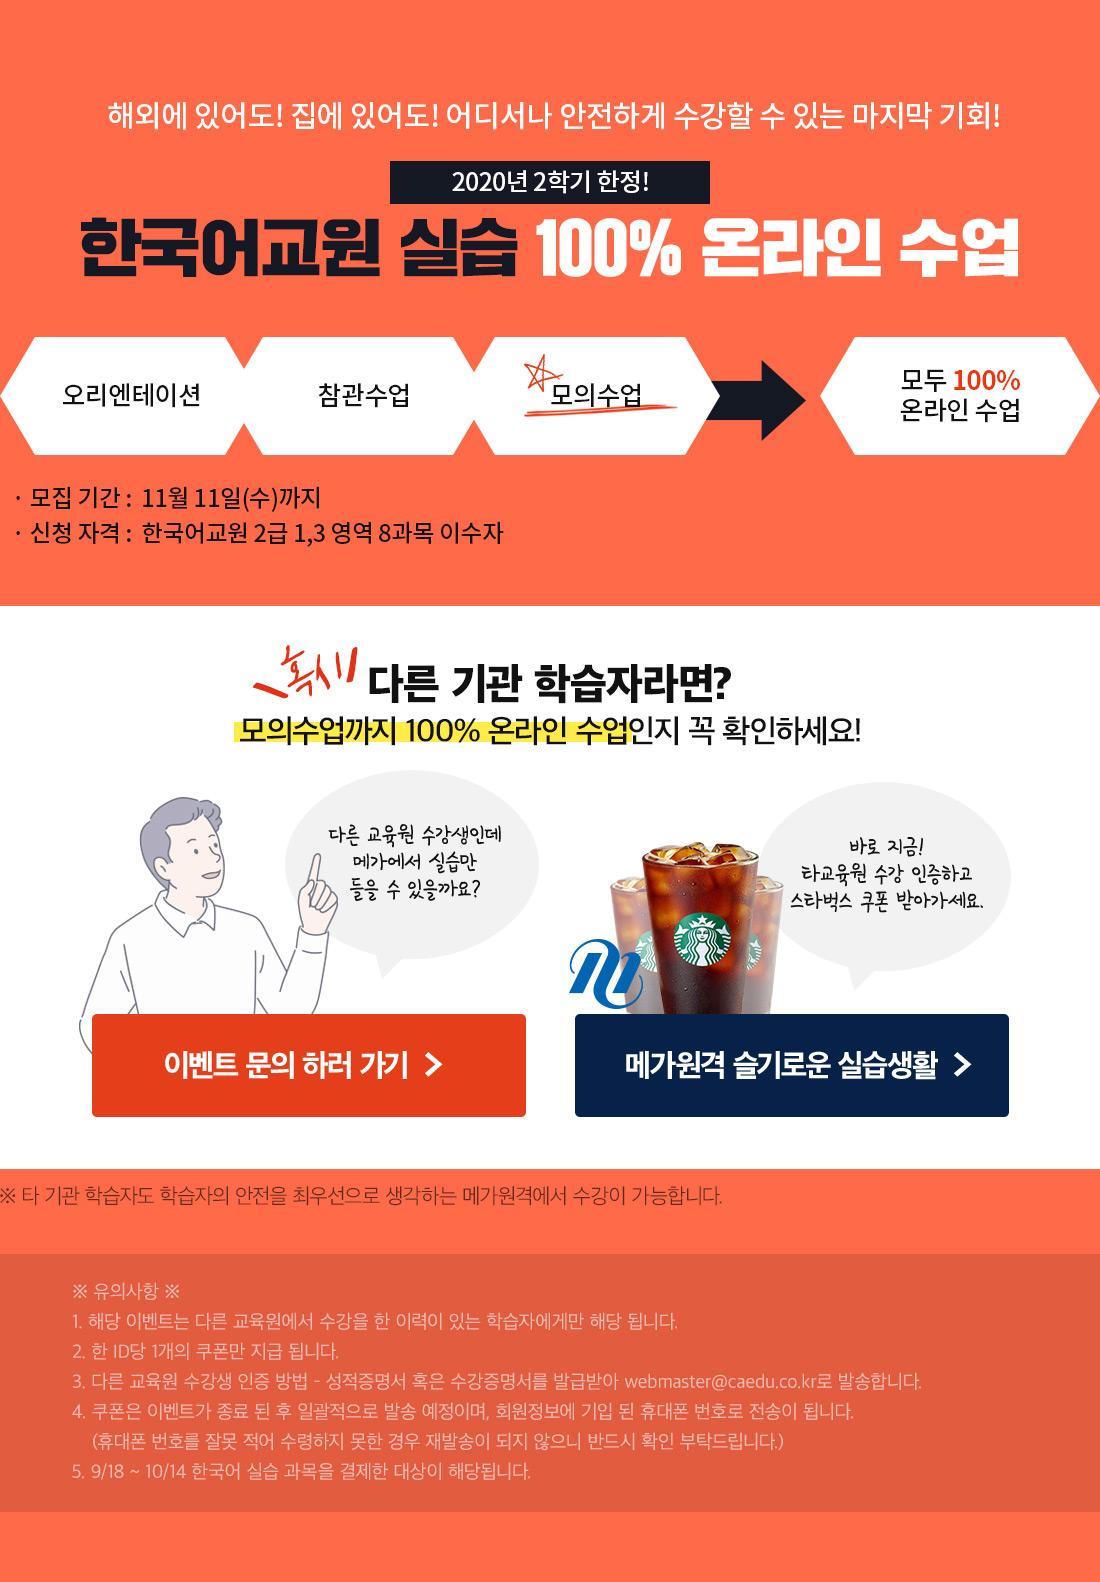 한국어교원 습100습100% 온라인 수업